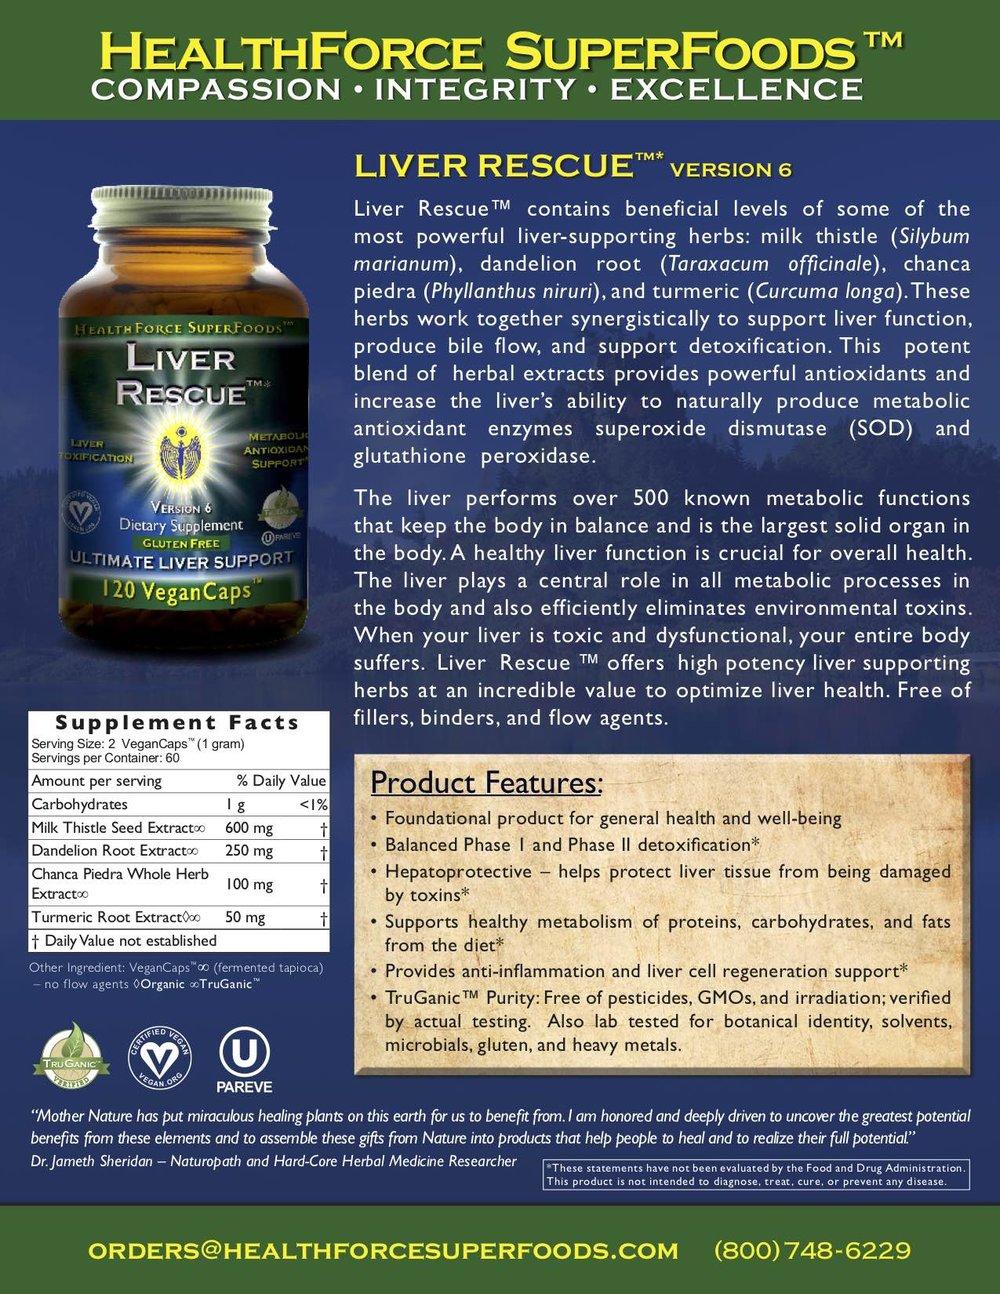 Liver Rescue_v6.0_Sell Sheet_web_6.4.18 (1).jpg